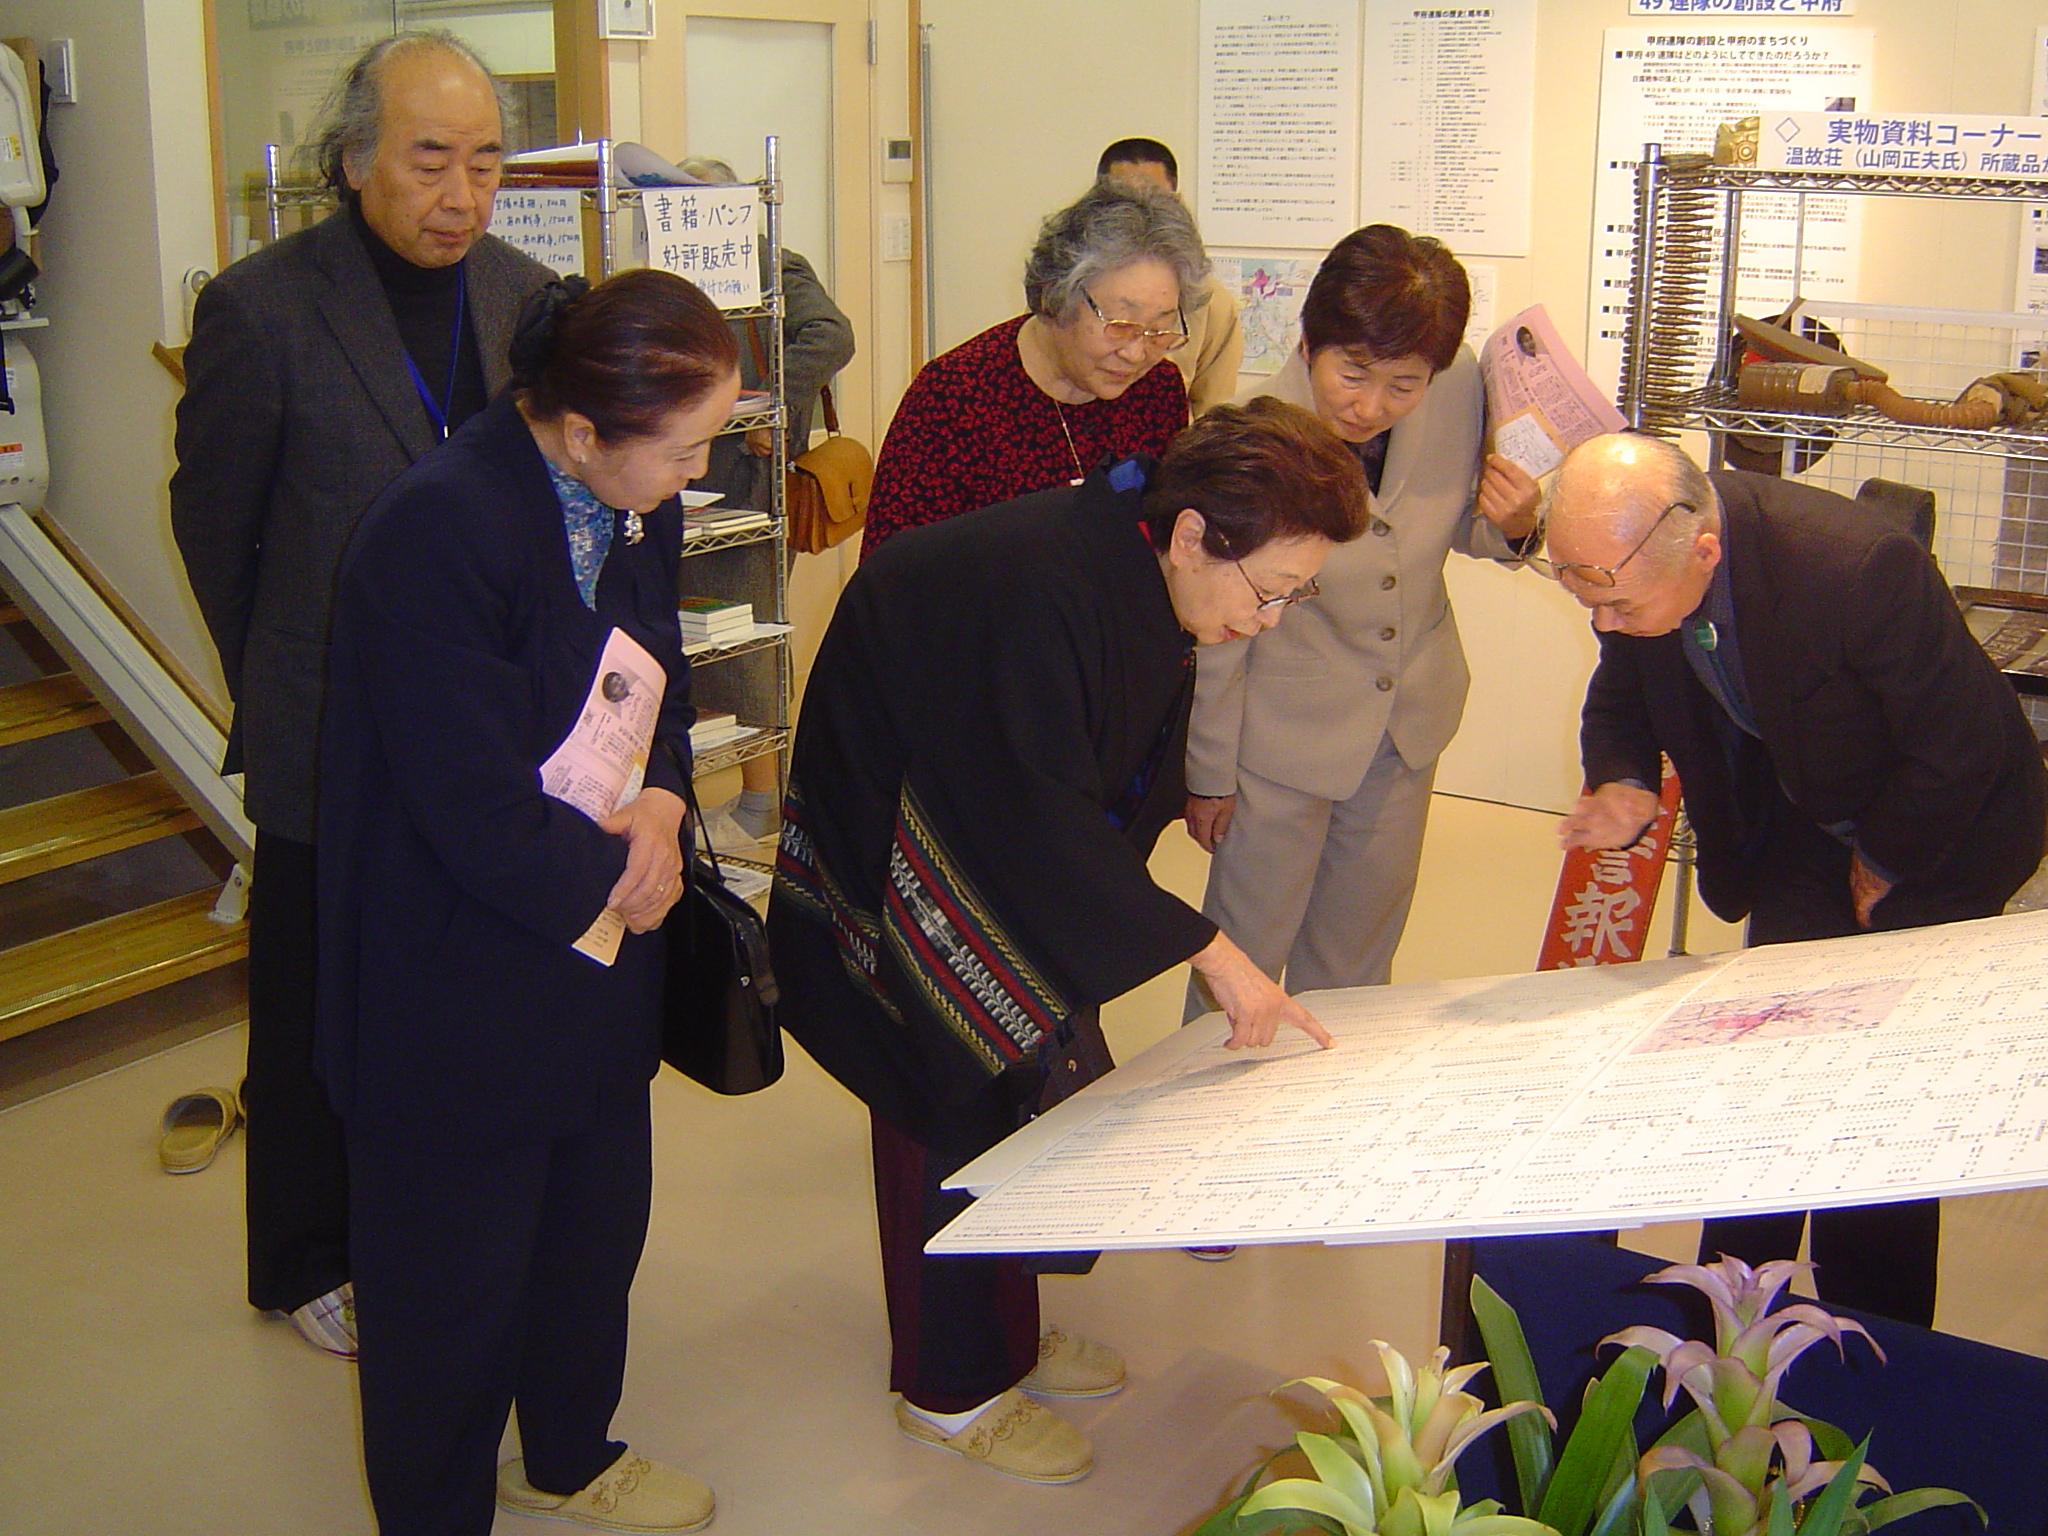 peace071001 平和の港 : 2007年11月 平和の港 2007年11月 2007年1